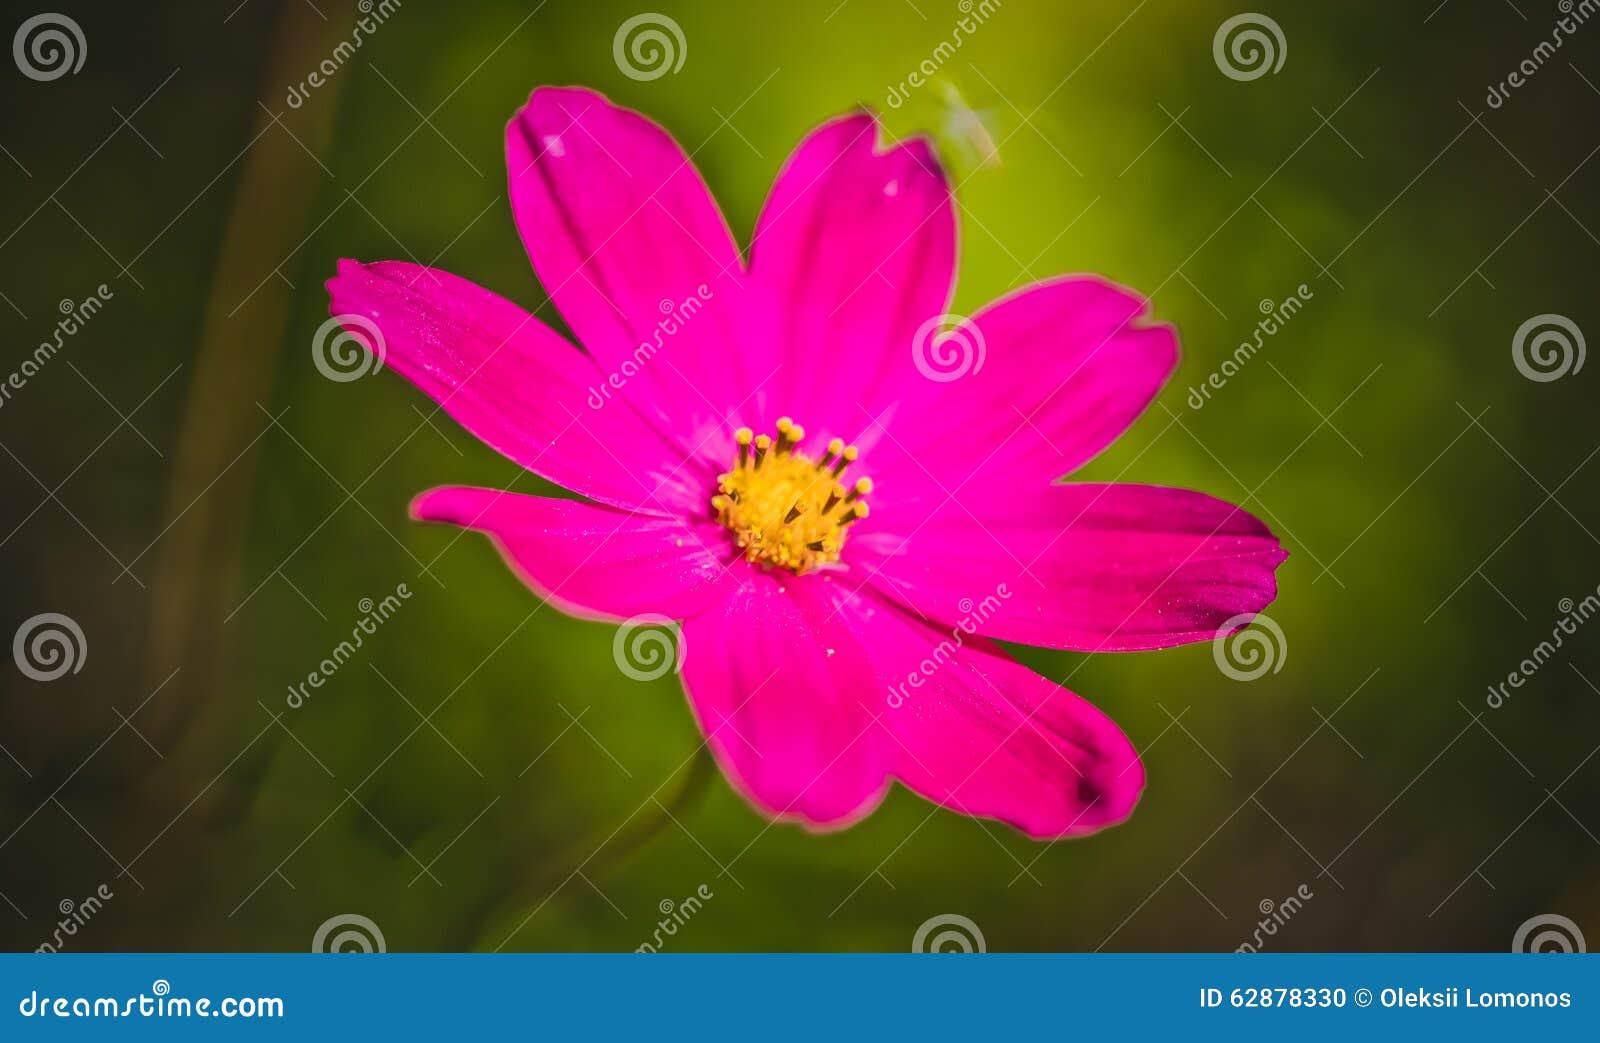 Crimson Daisy Stock Photo Image Of Like Flower Foliage 62878330